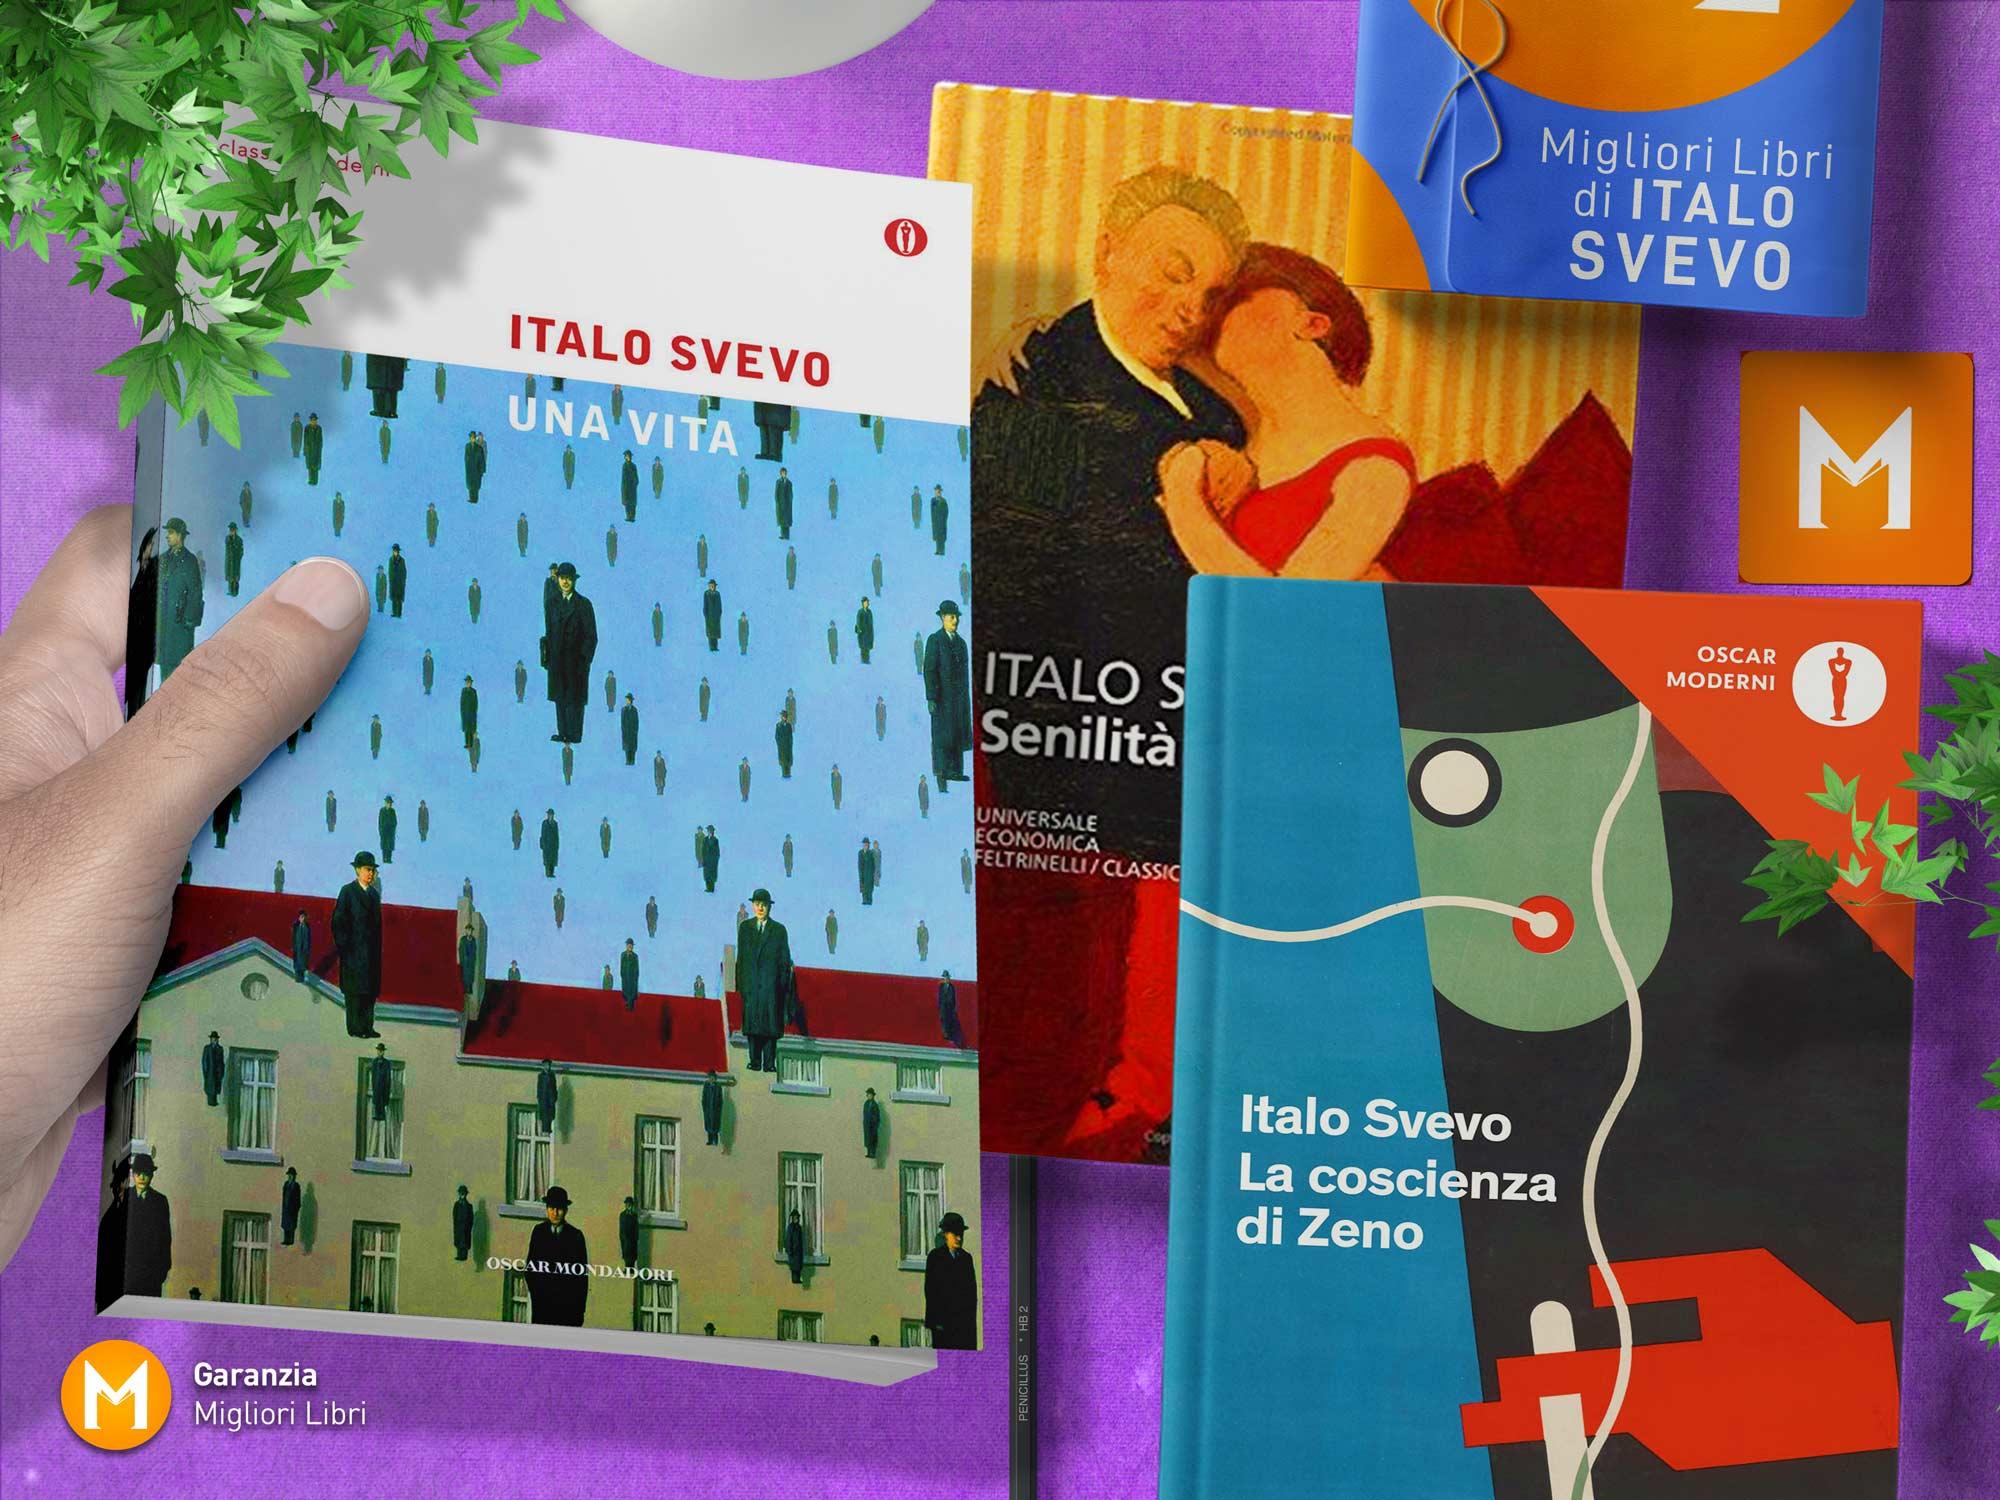 migliori-libri-italo-svevo